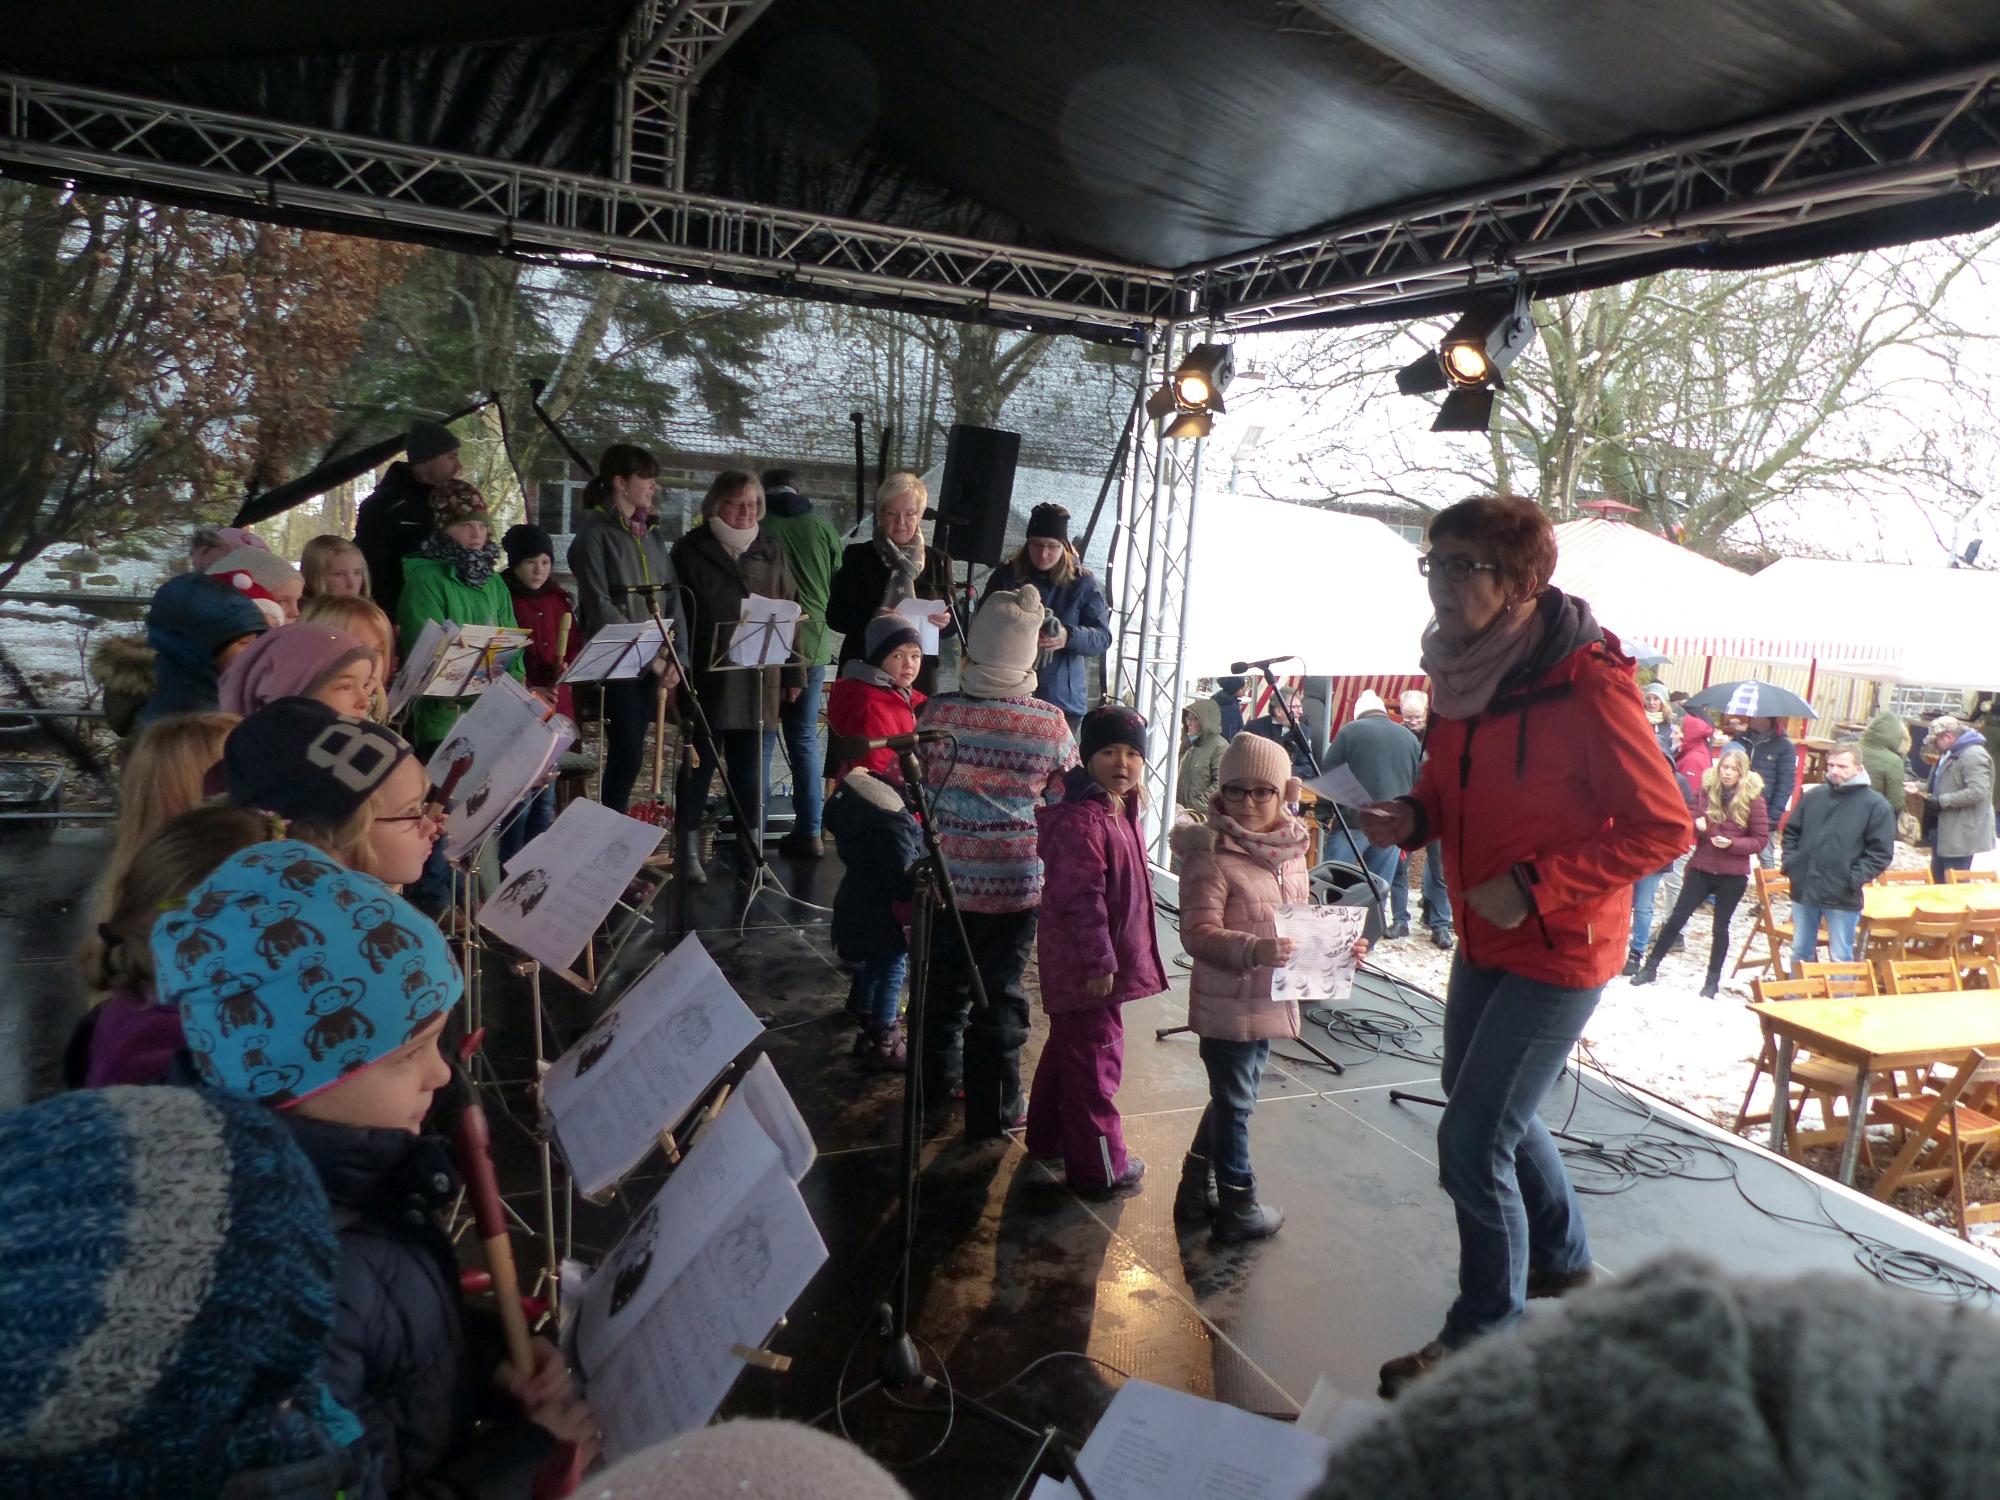 20171203_Lichterglanz_und_Weihnachtsklaenge_0006